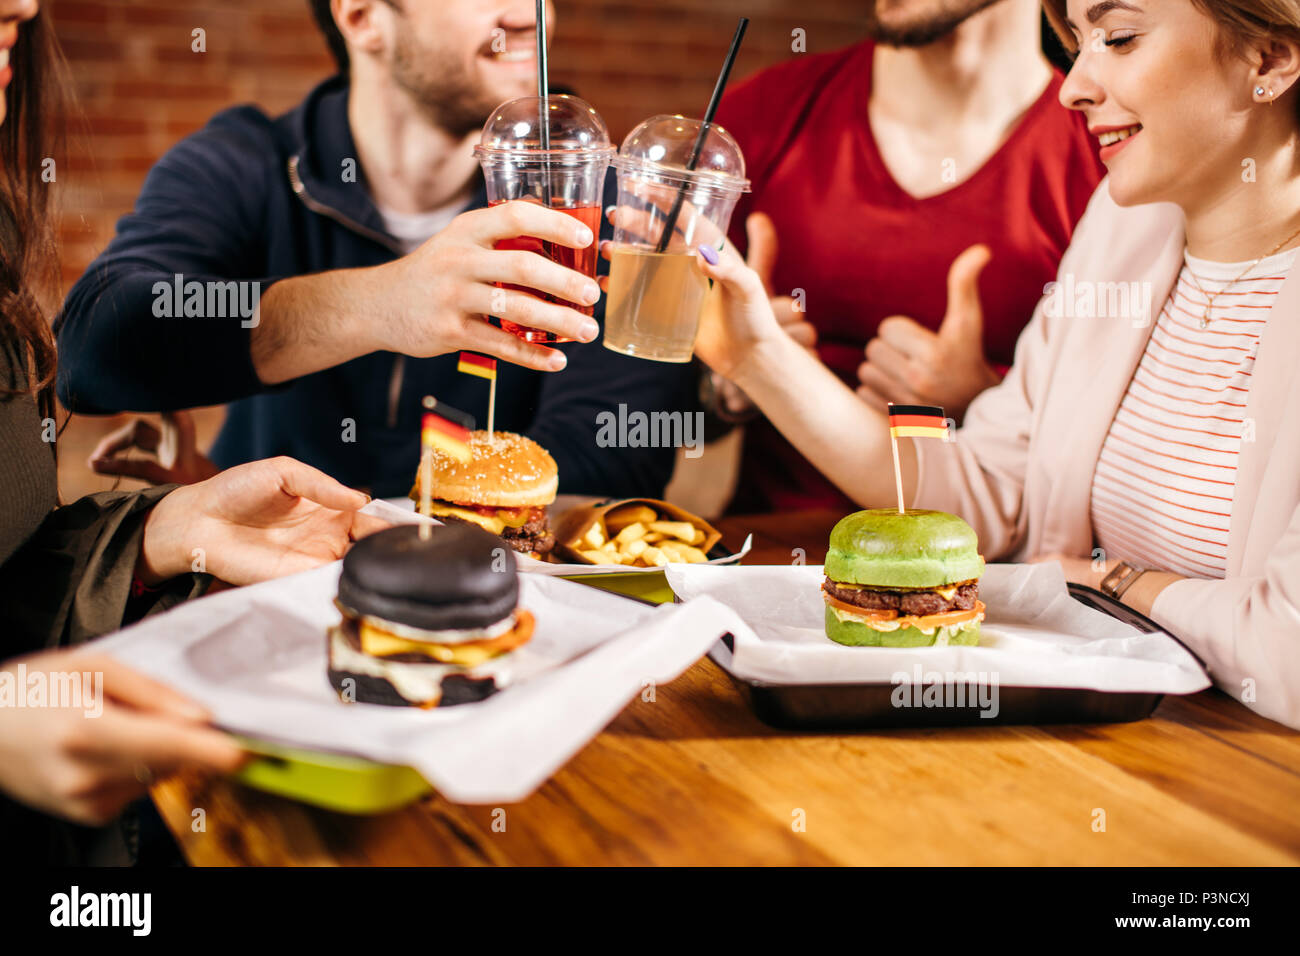 Ocio, fiesta, Fastfood consumo, personas y concepto de vacaciones. Imagen De Stock